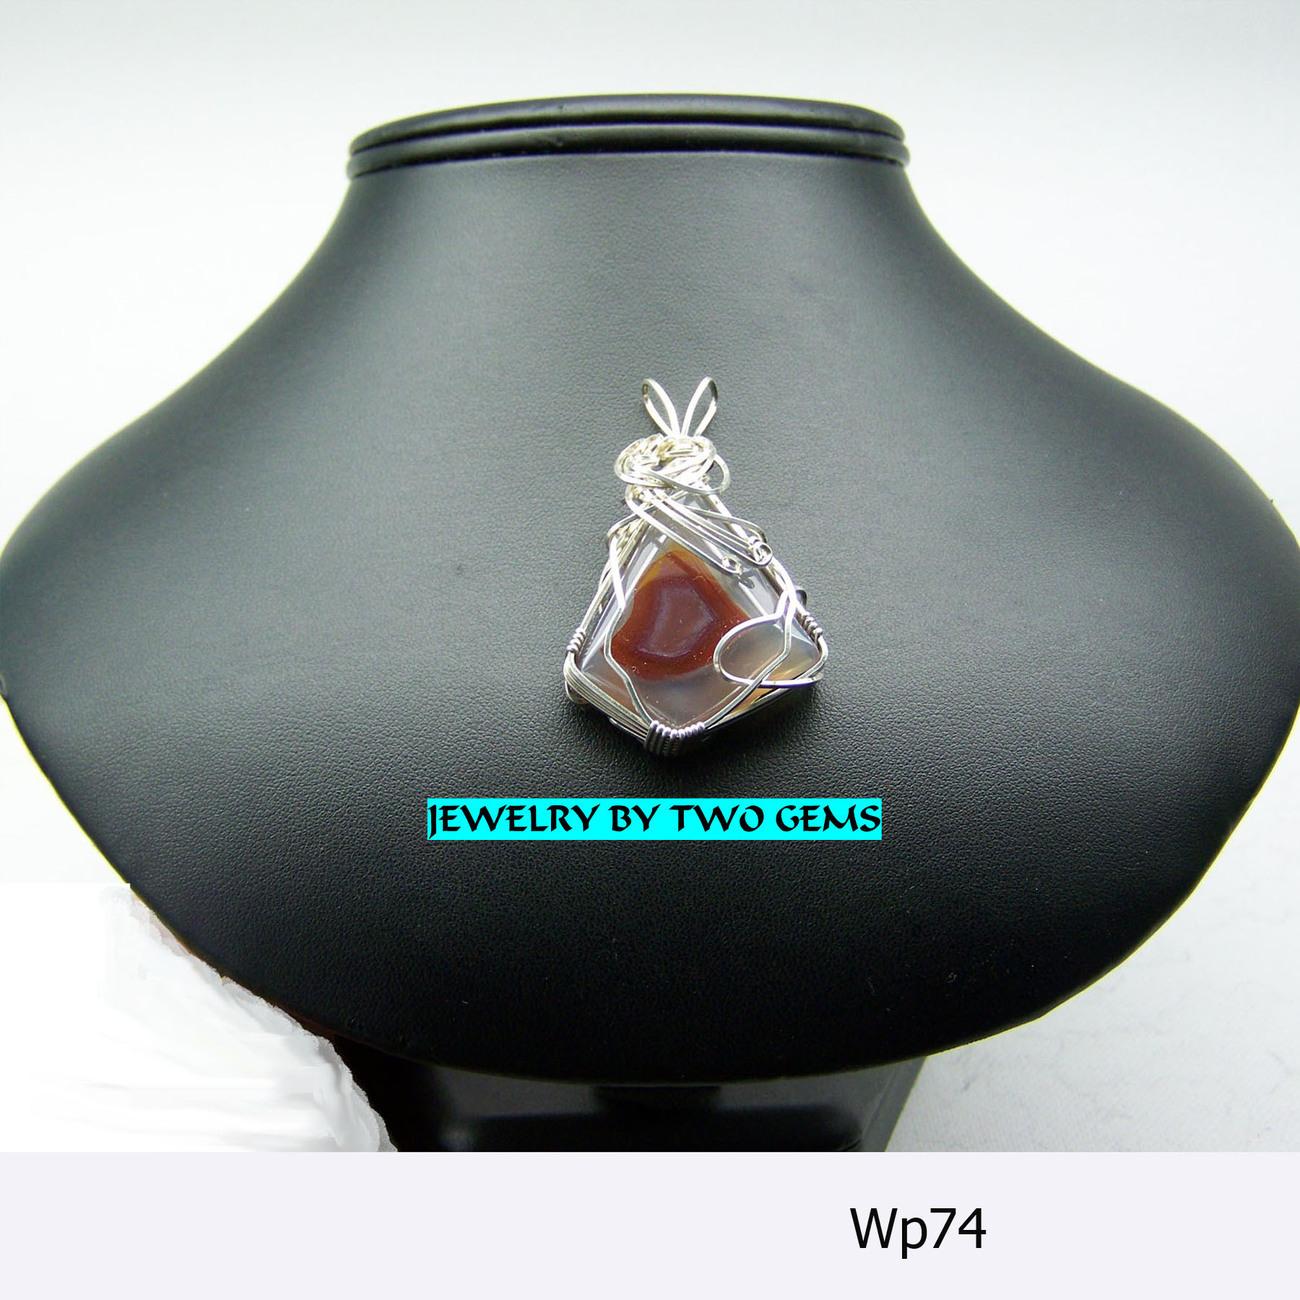 Wp74pc